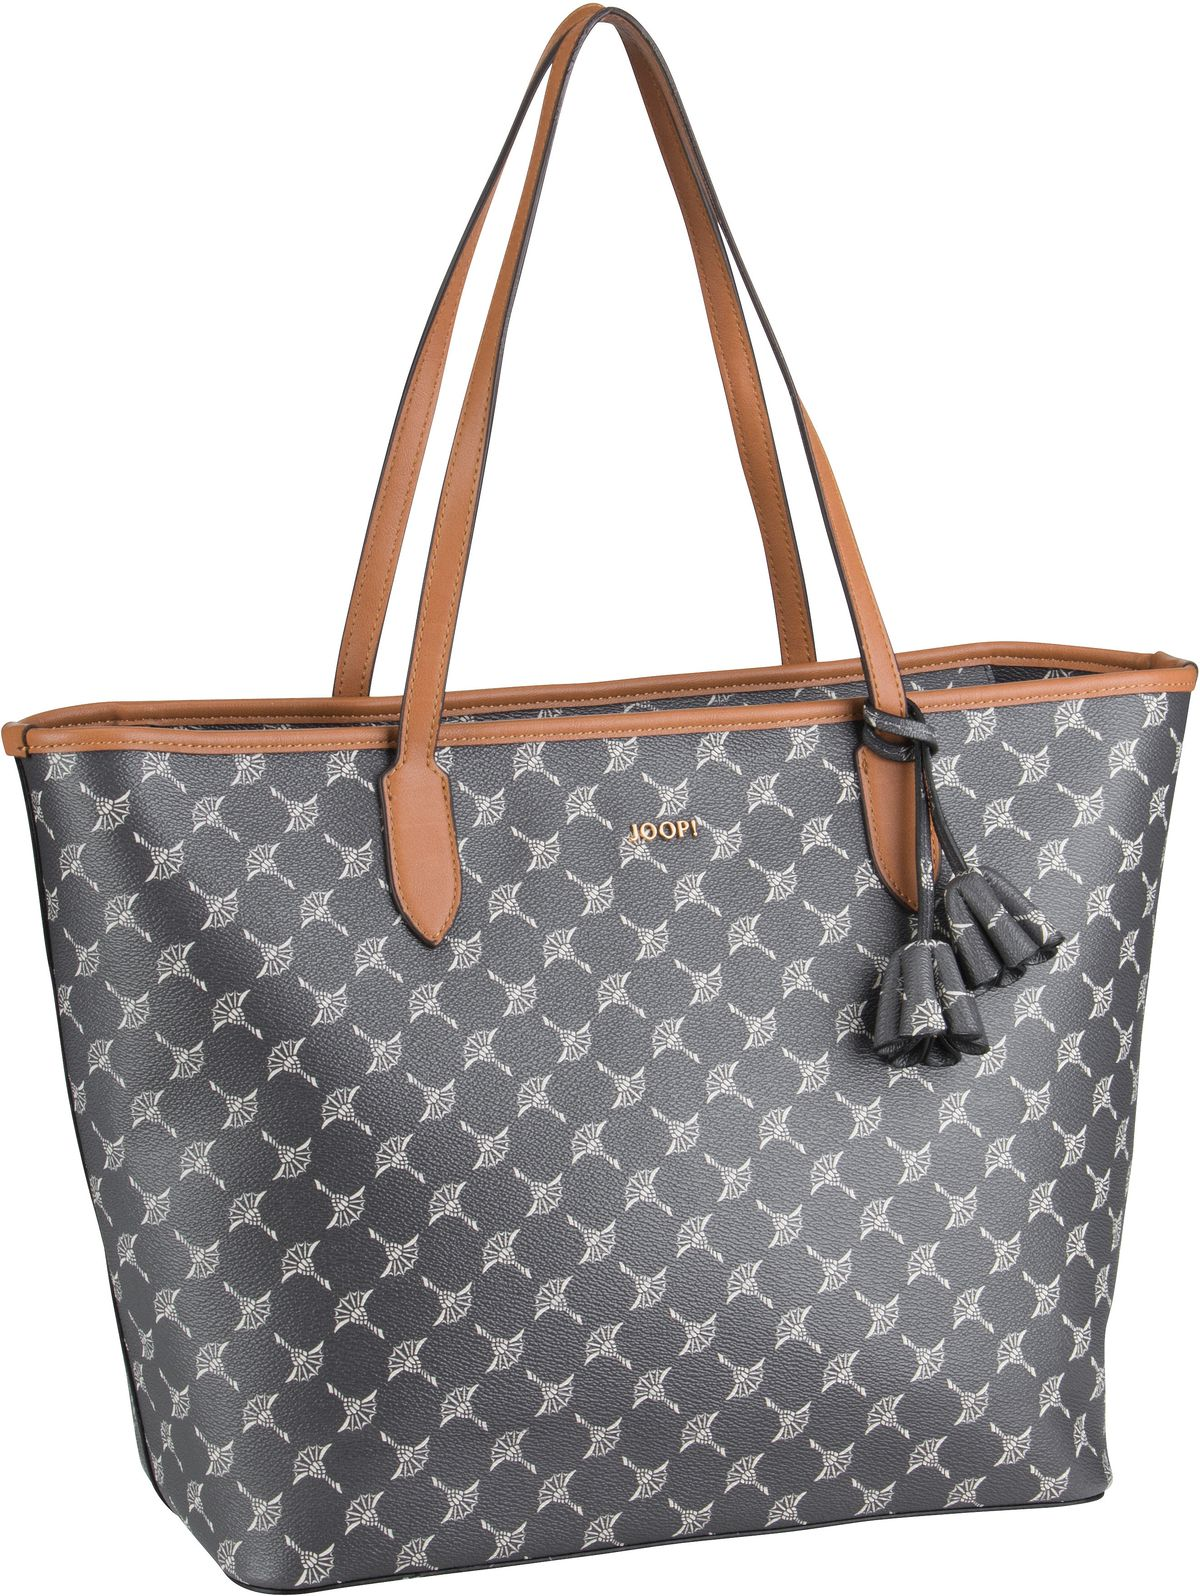 Handtasche Cortina Lara Shopper LHZ Darkgrey